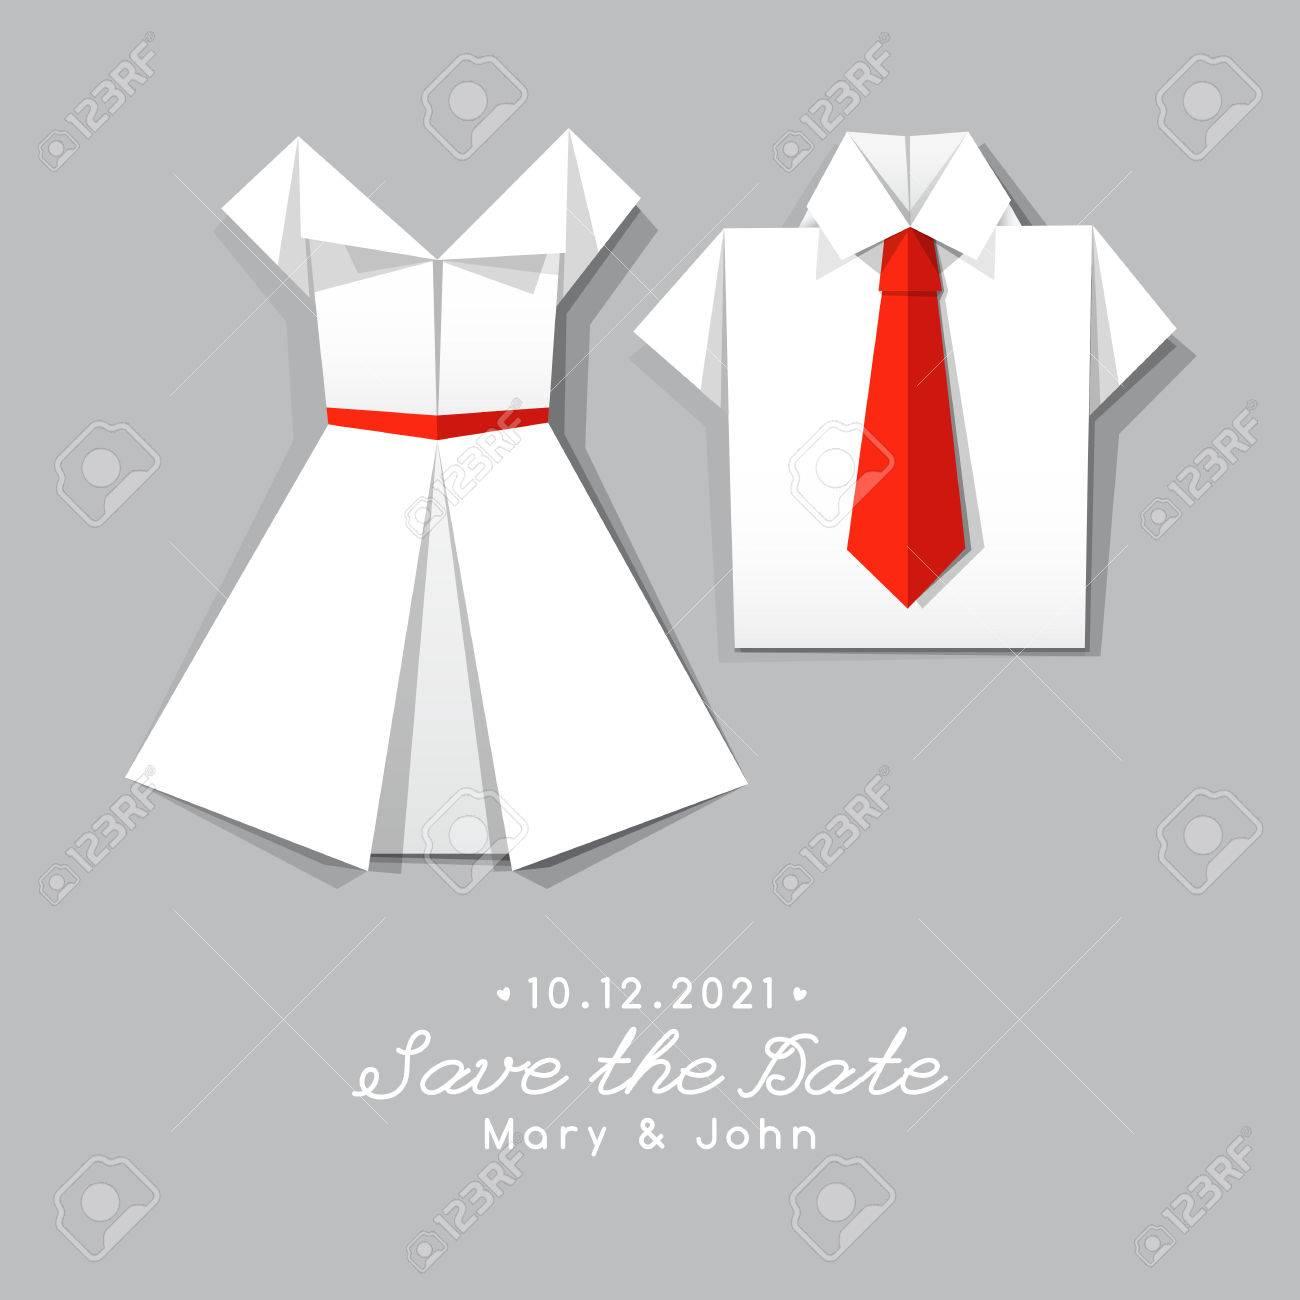 Vestido CamisaPlantilla Boda La De Origami Y Invitación w8mnN0vO